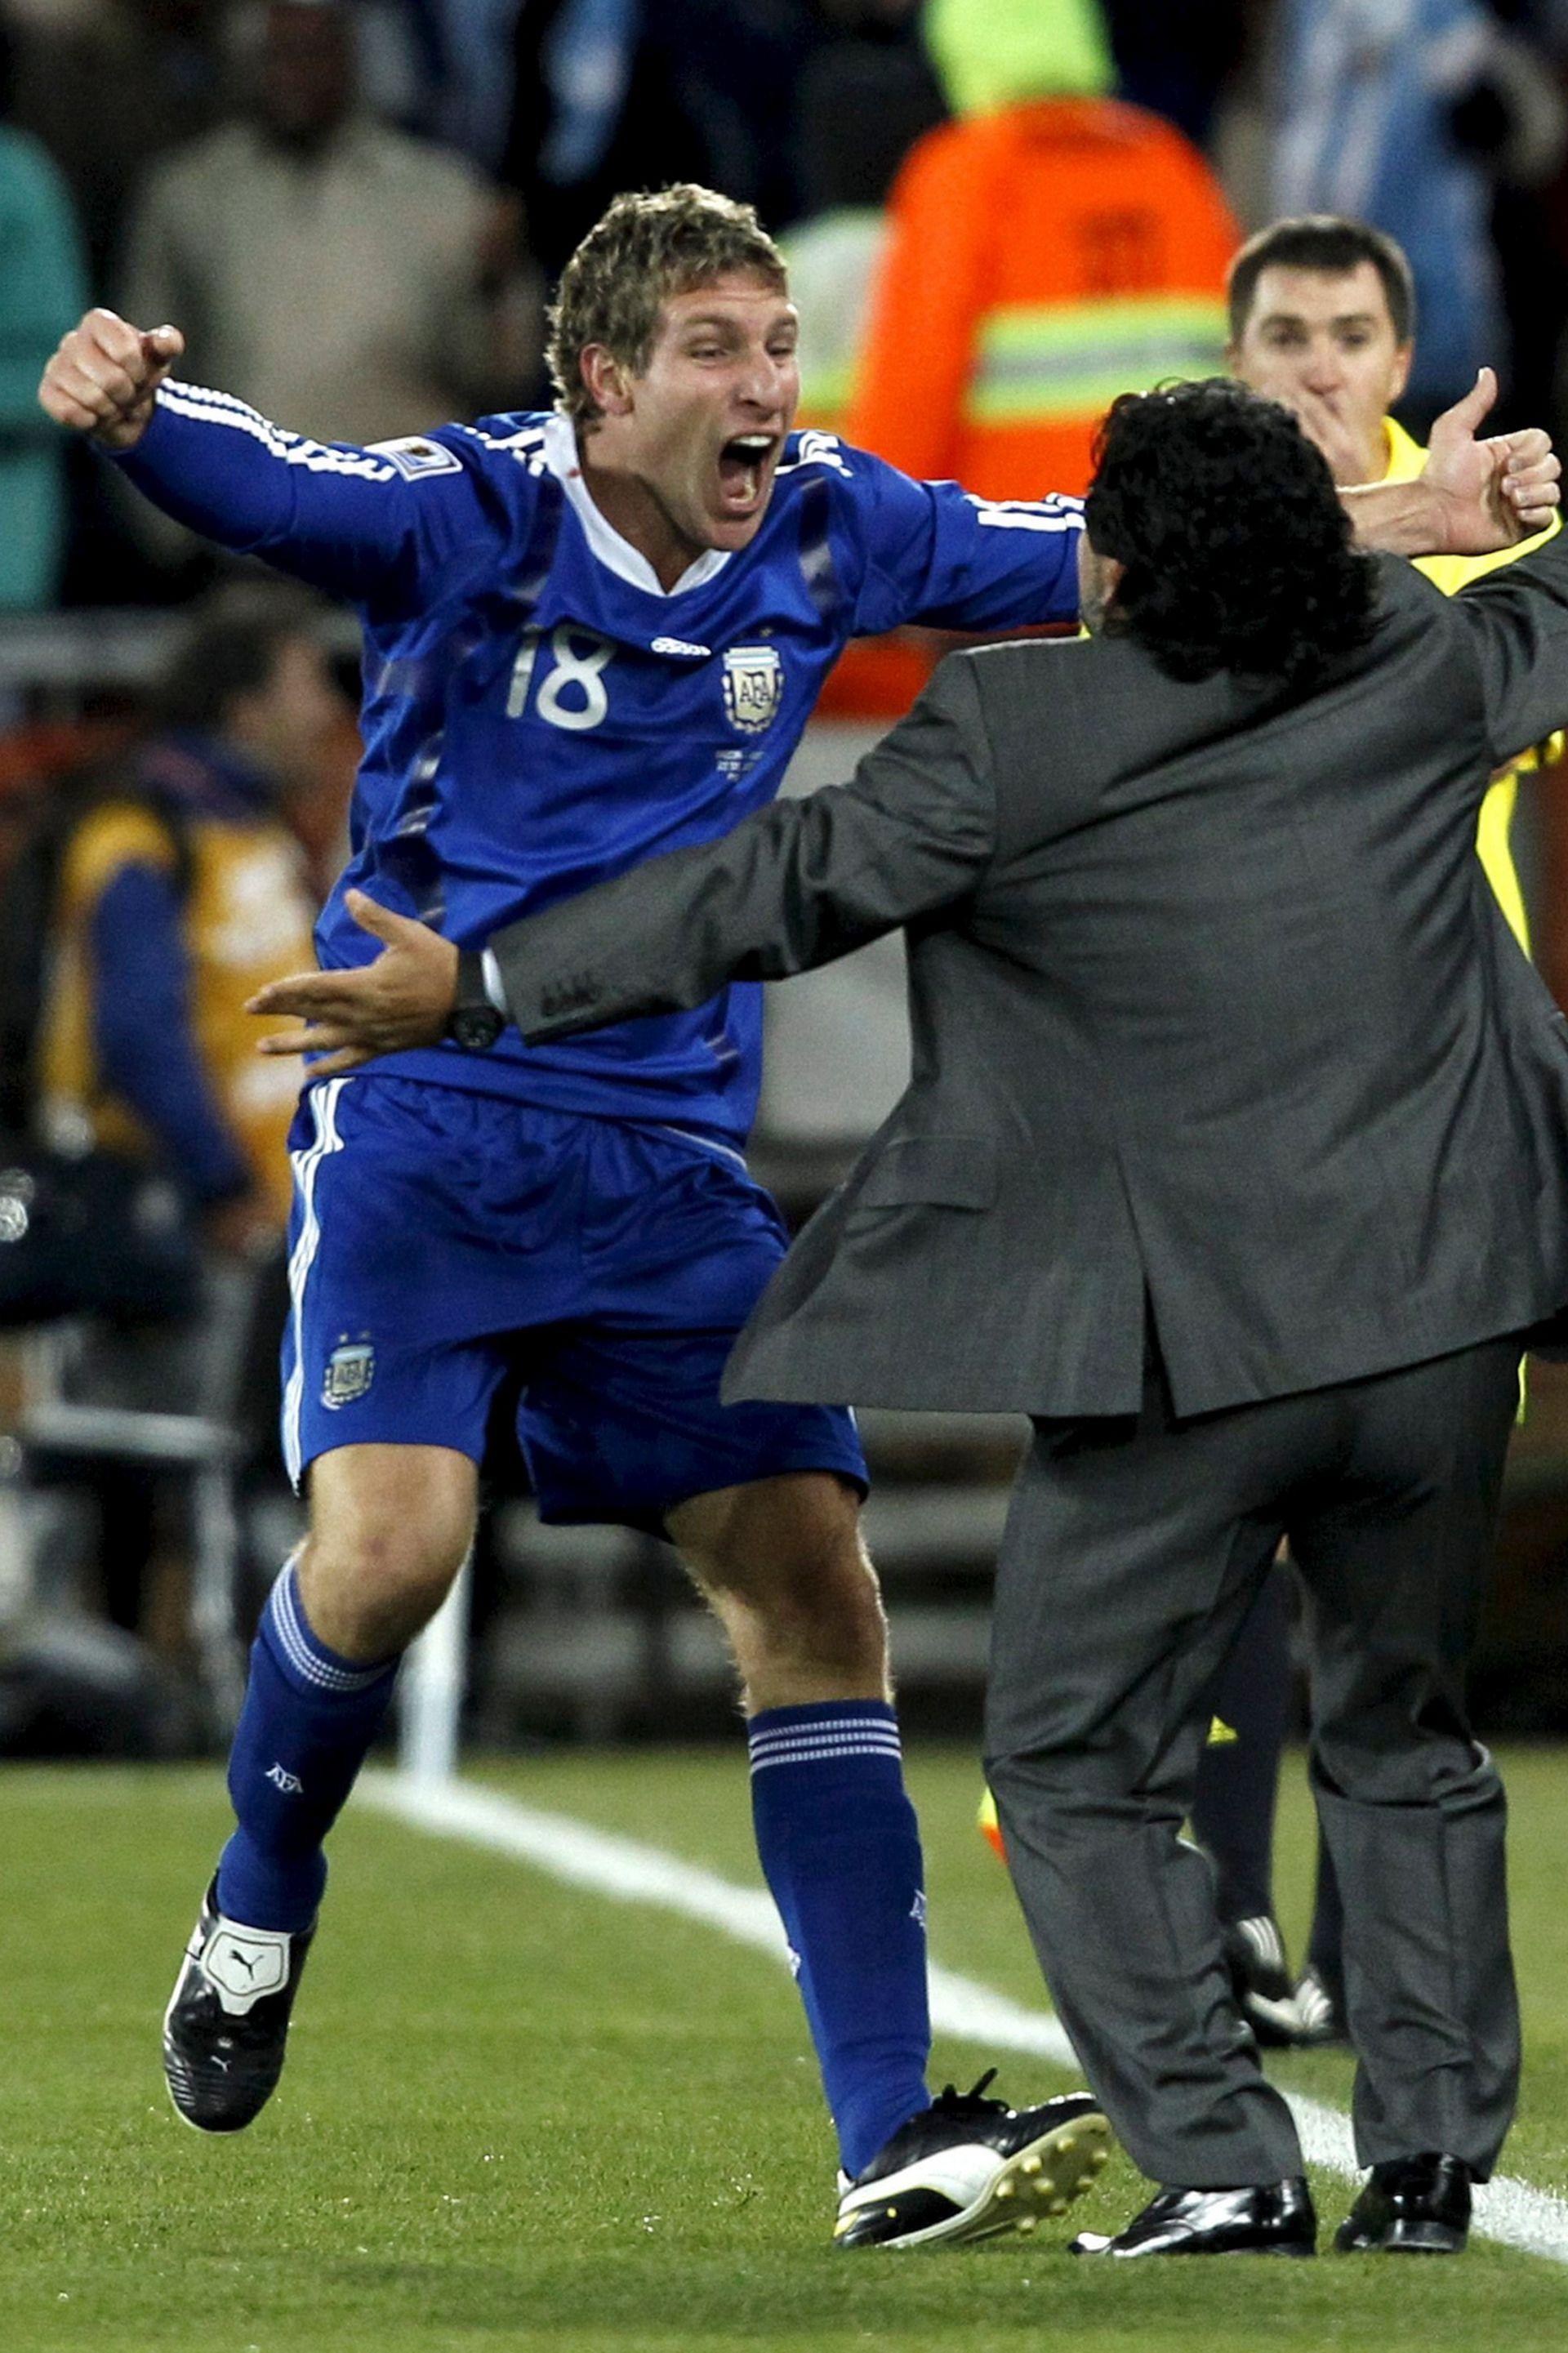 El abrazo con Palermo, tras el gol ante Grecia en Sudáfrica 2010